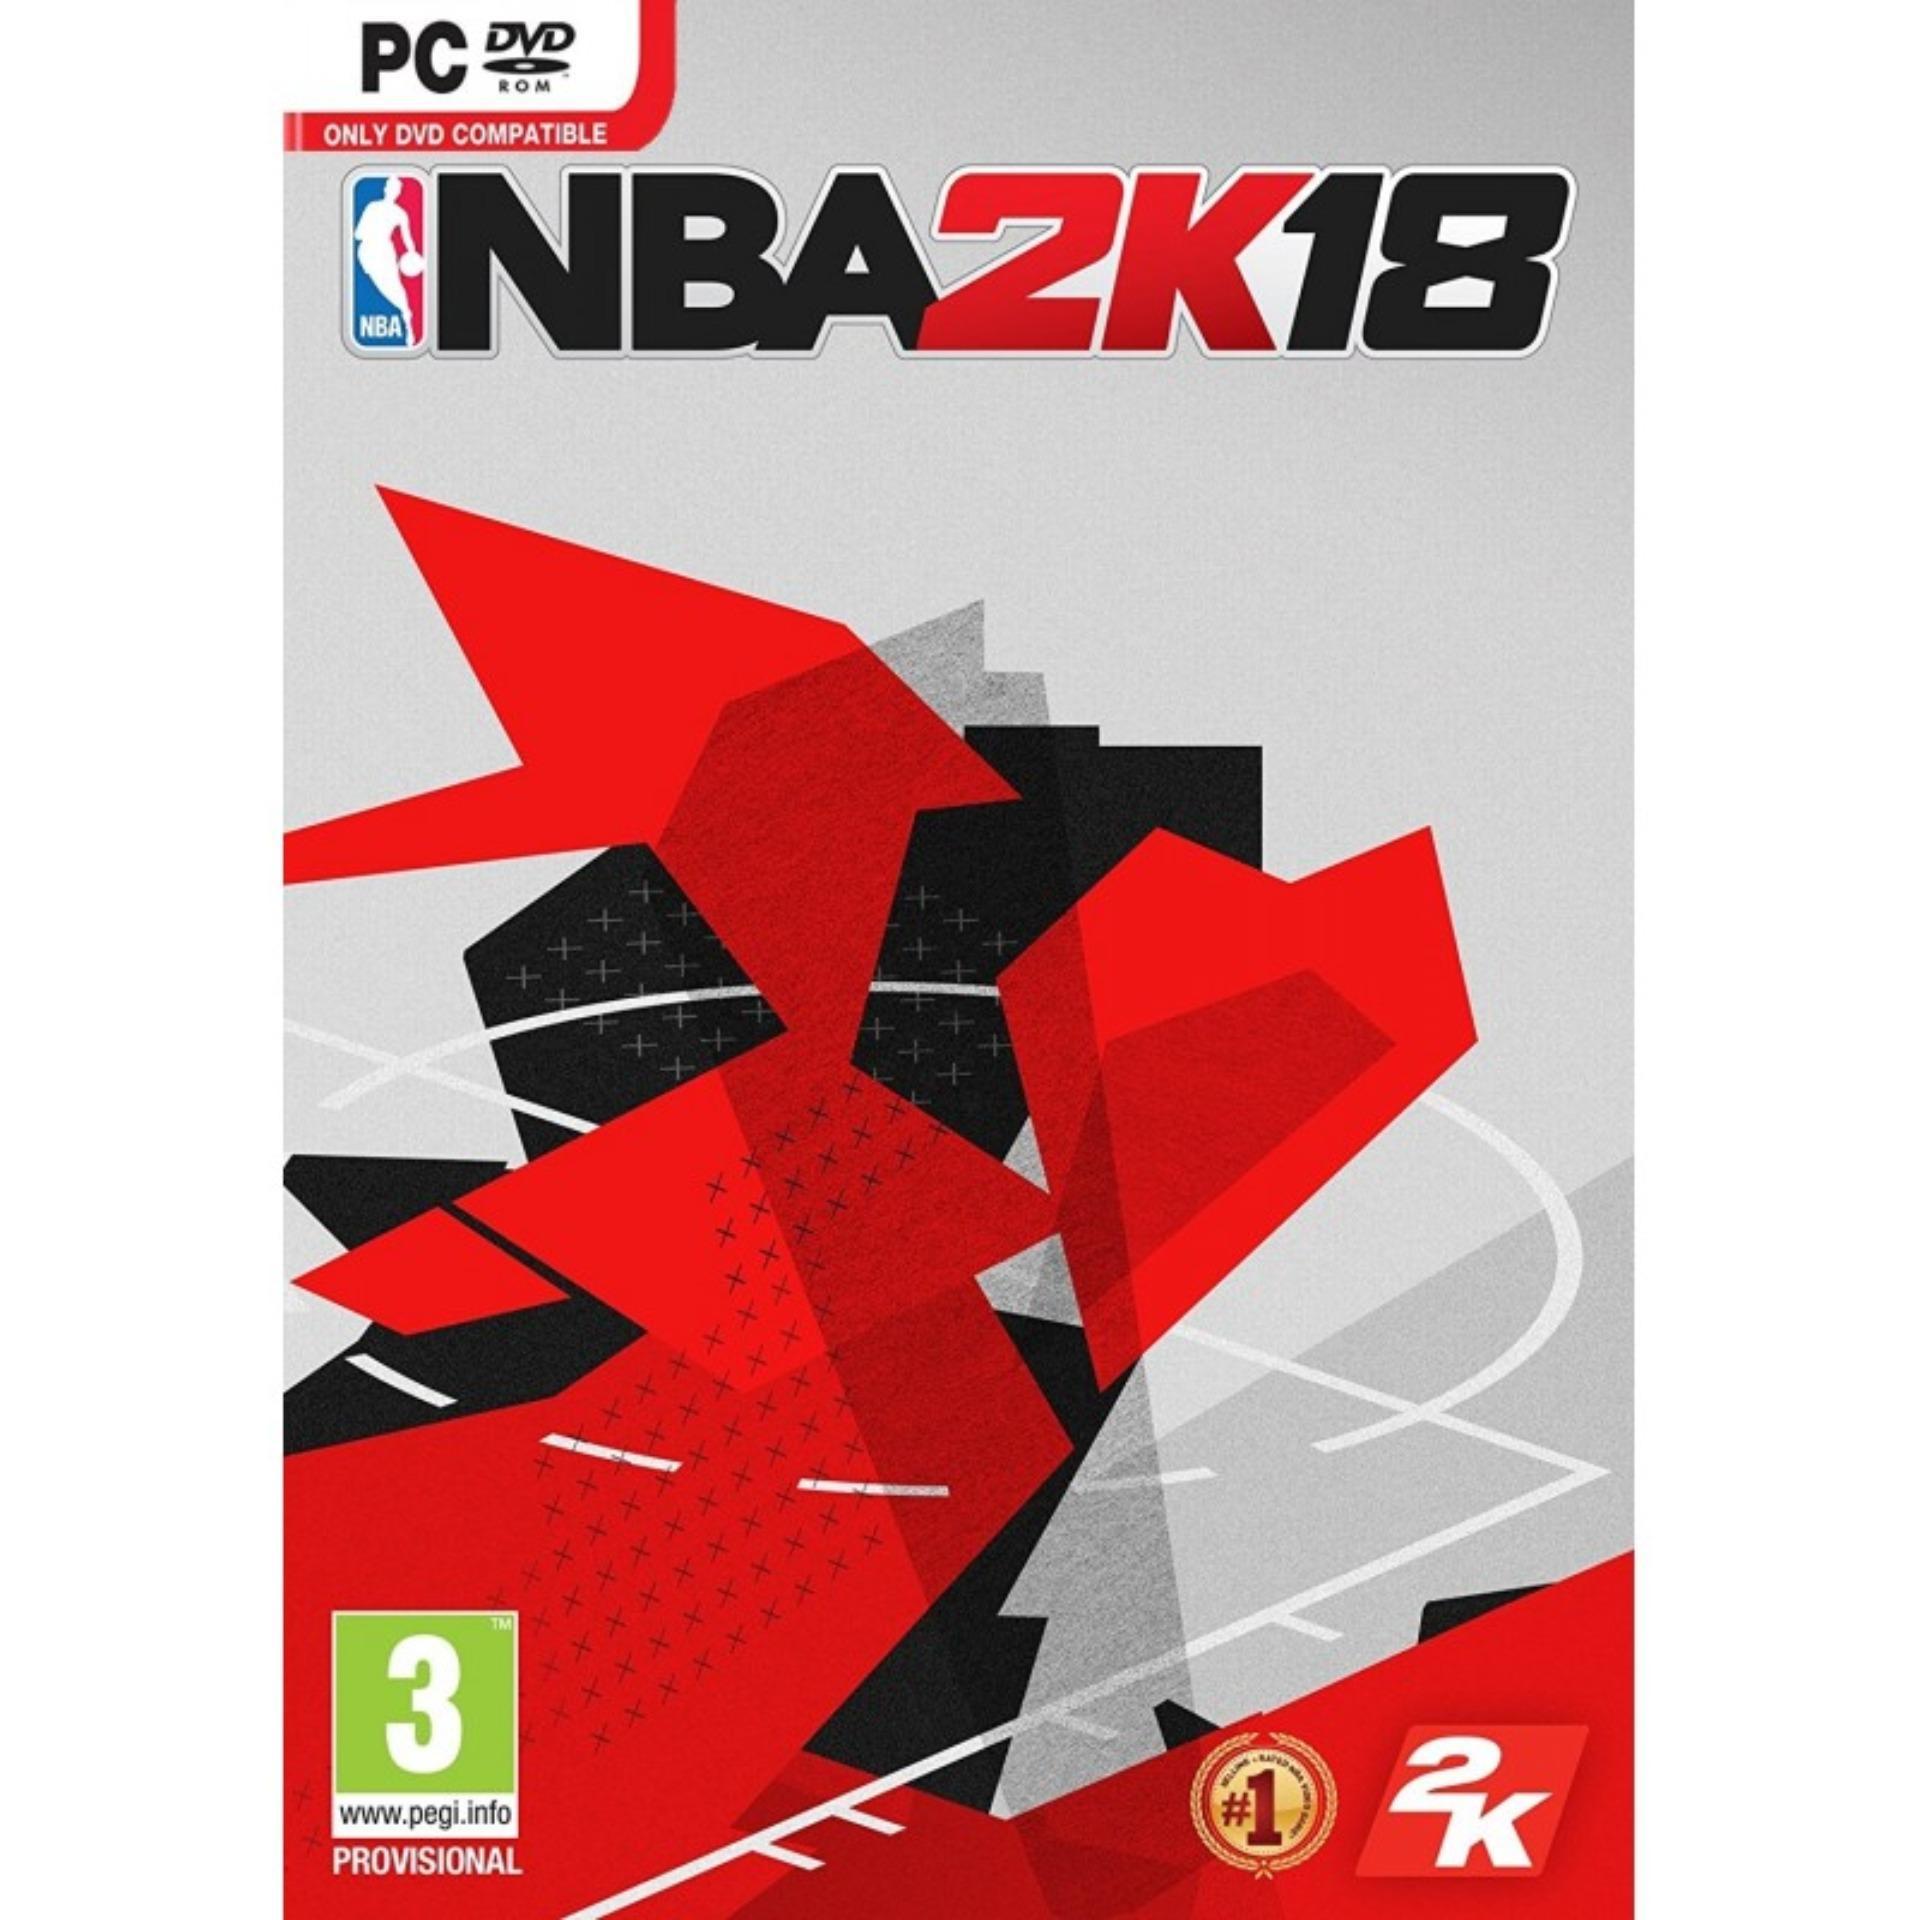 NBA 2K18 full Game PC (PC GAMES/DVD GAME PC)